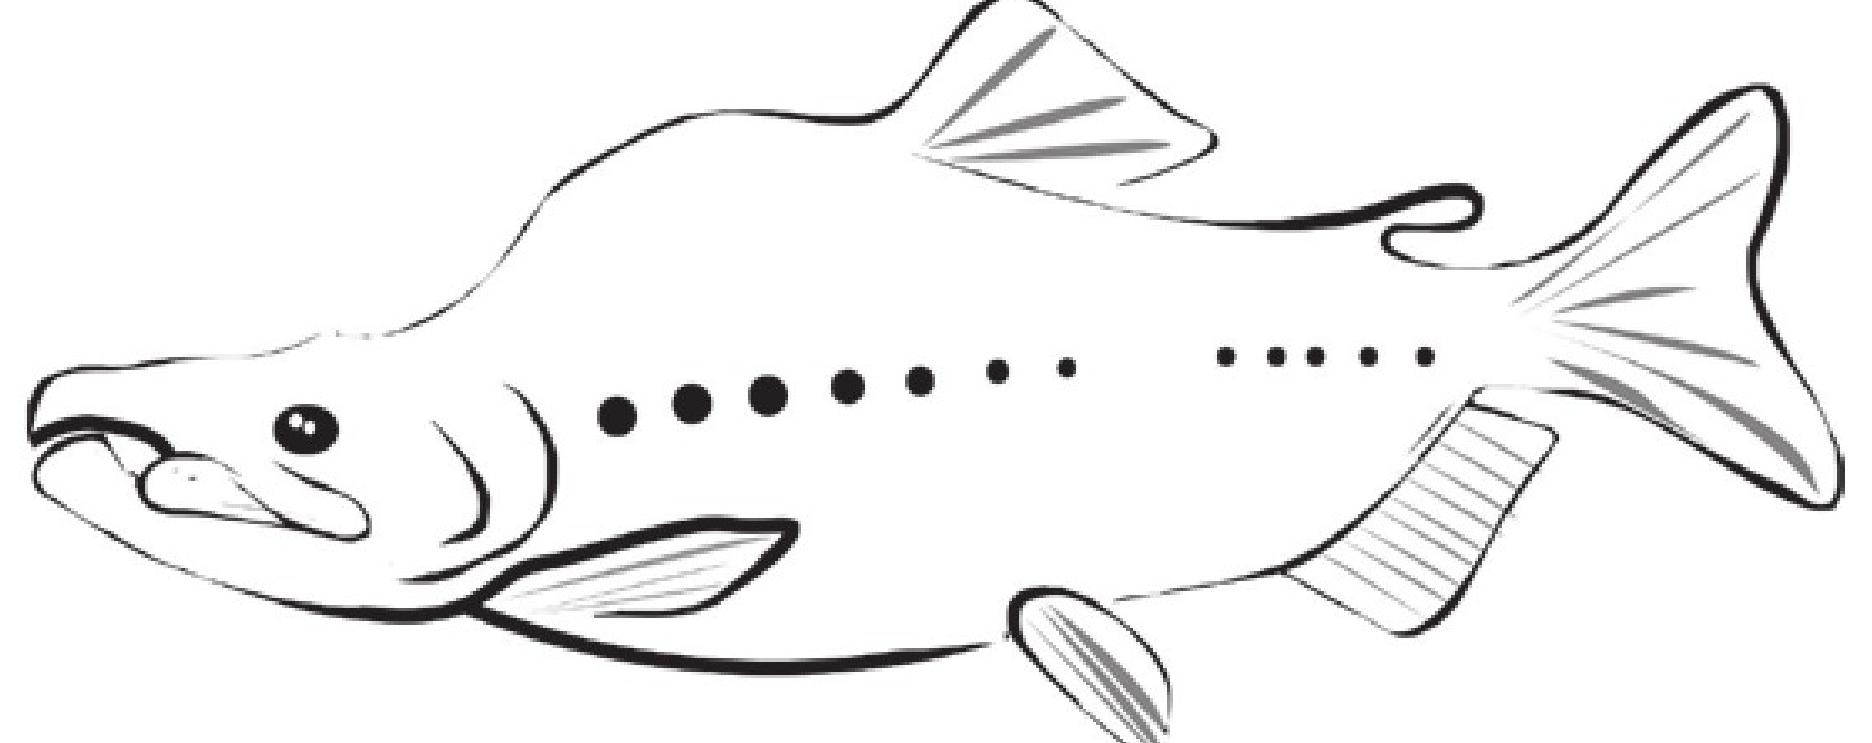 趣味生物科普知识:大马哈鱼为什么不远千里洄游?插图(1)